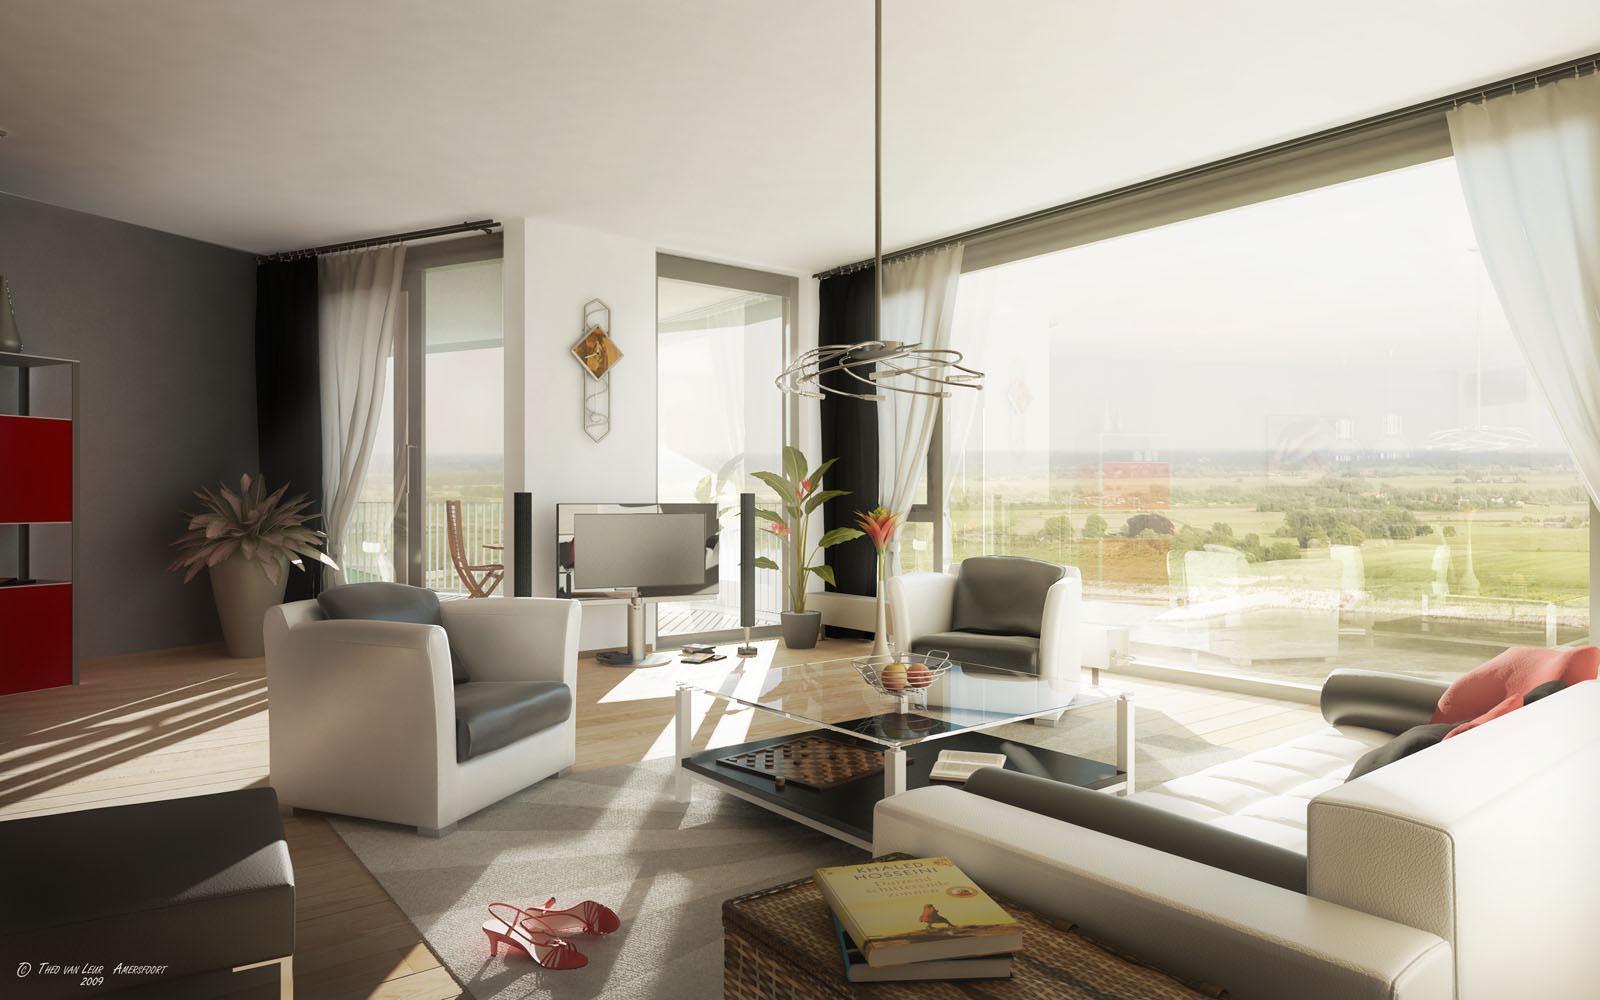 huis interieur. Black Bedroom Furniture Sets. Home Design Ideas